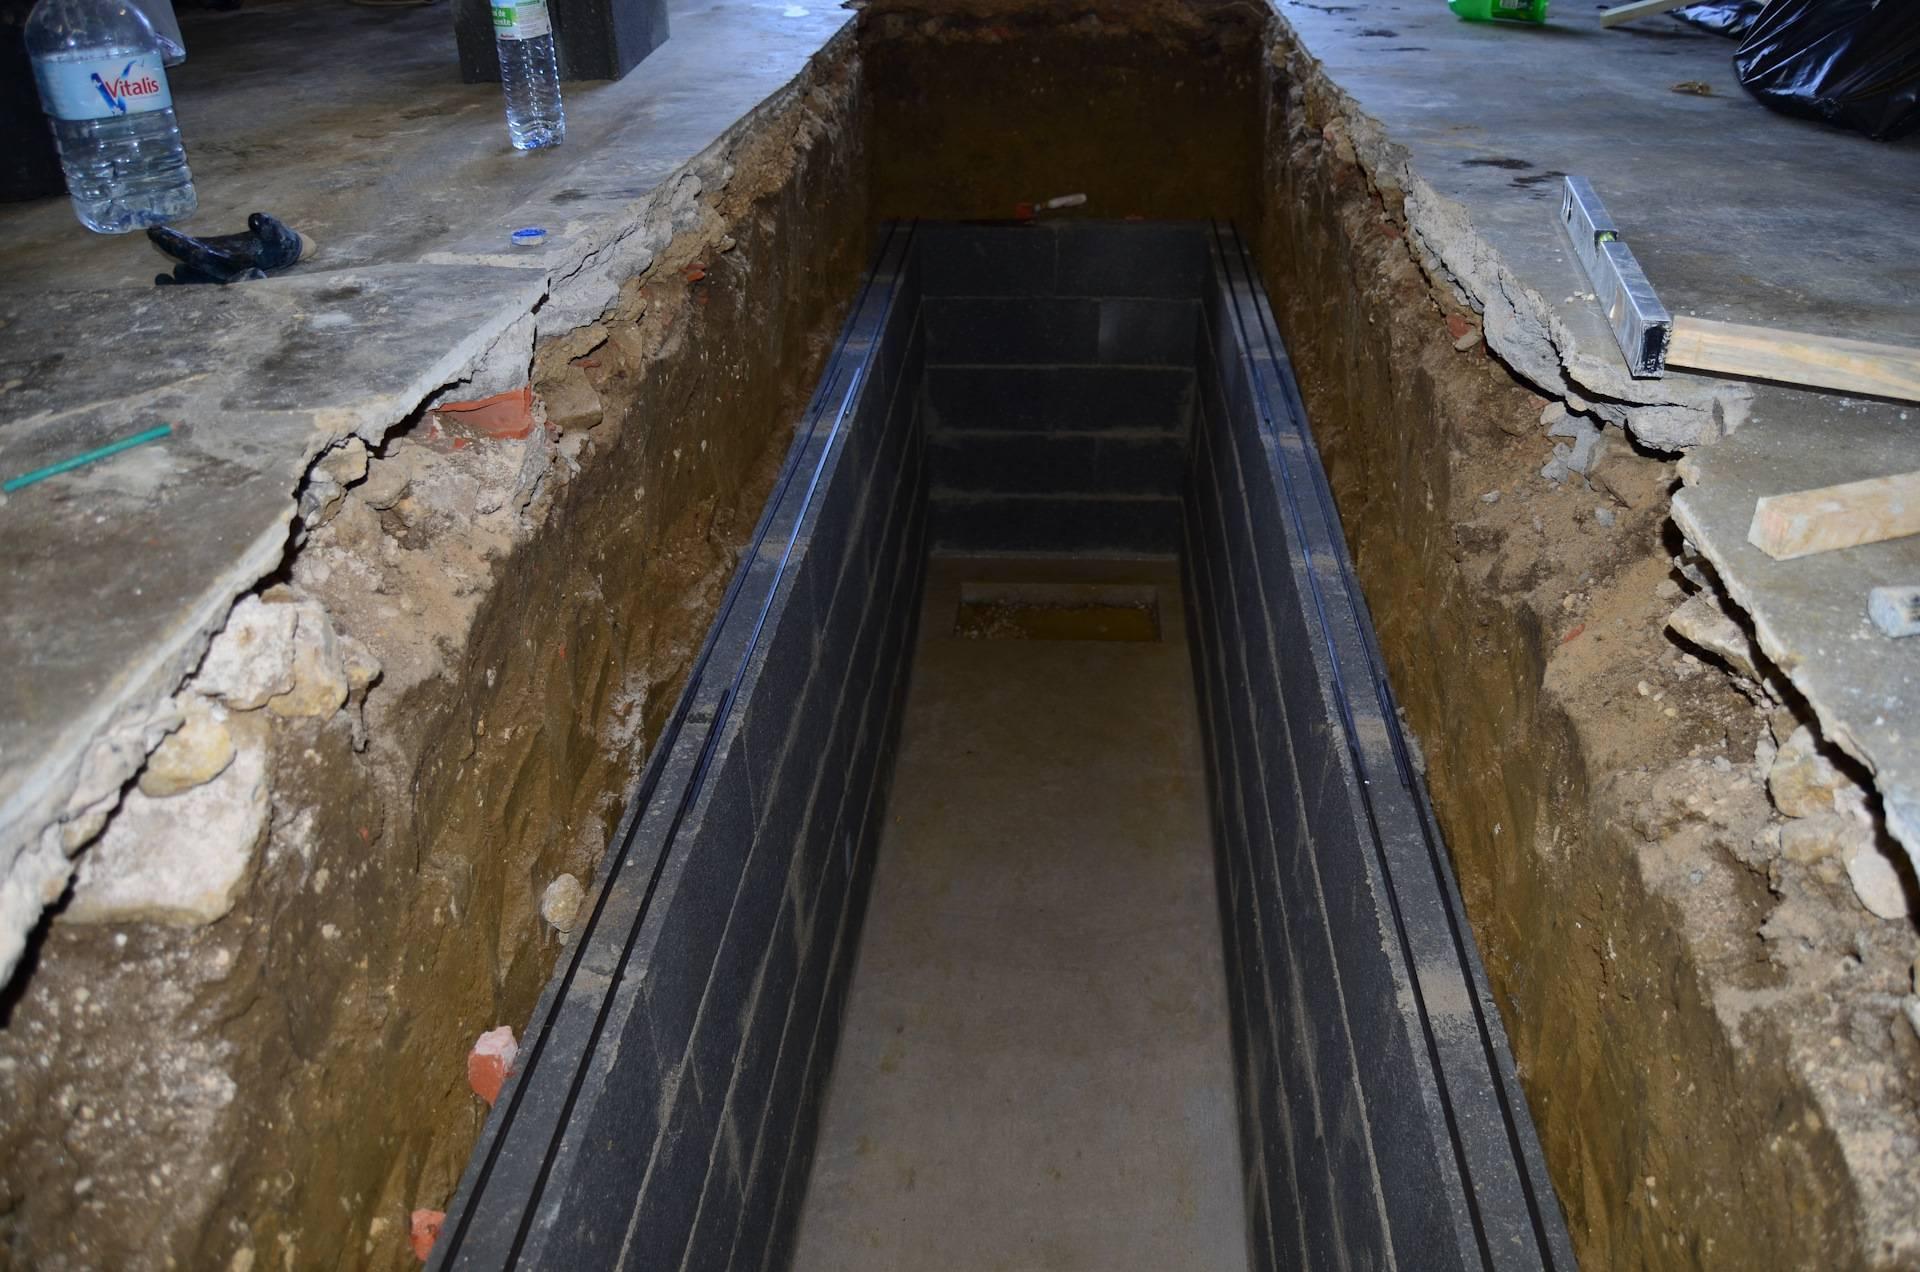 Смотровая яма в гараже своими руками. сделать смотровую яму в гараже своими руками. как самостоятельно обустроить в гараже яму для осмотра автомобиля.